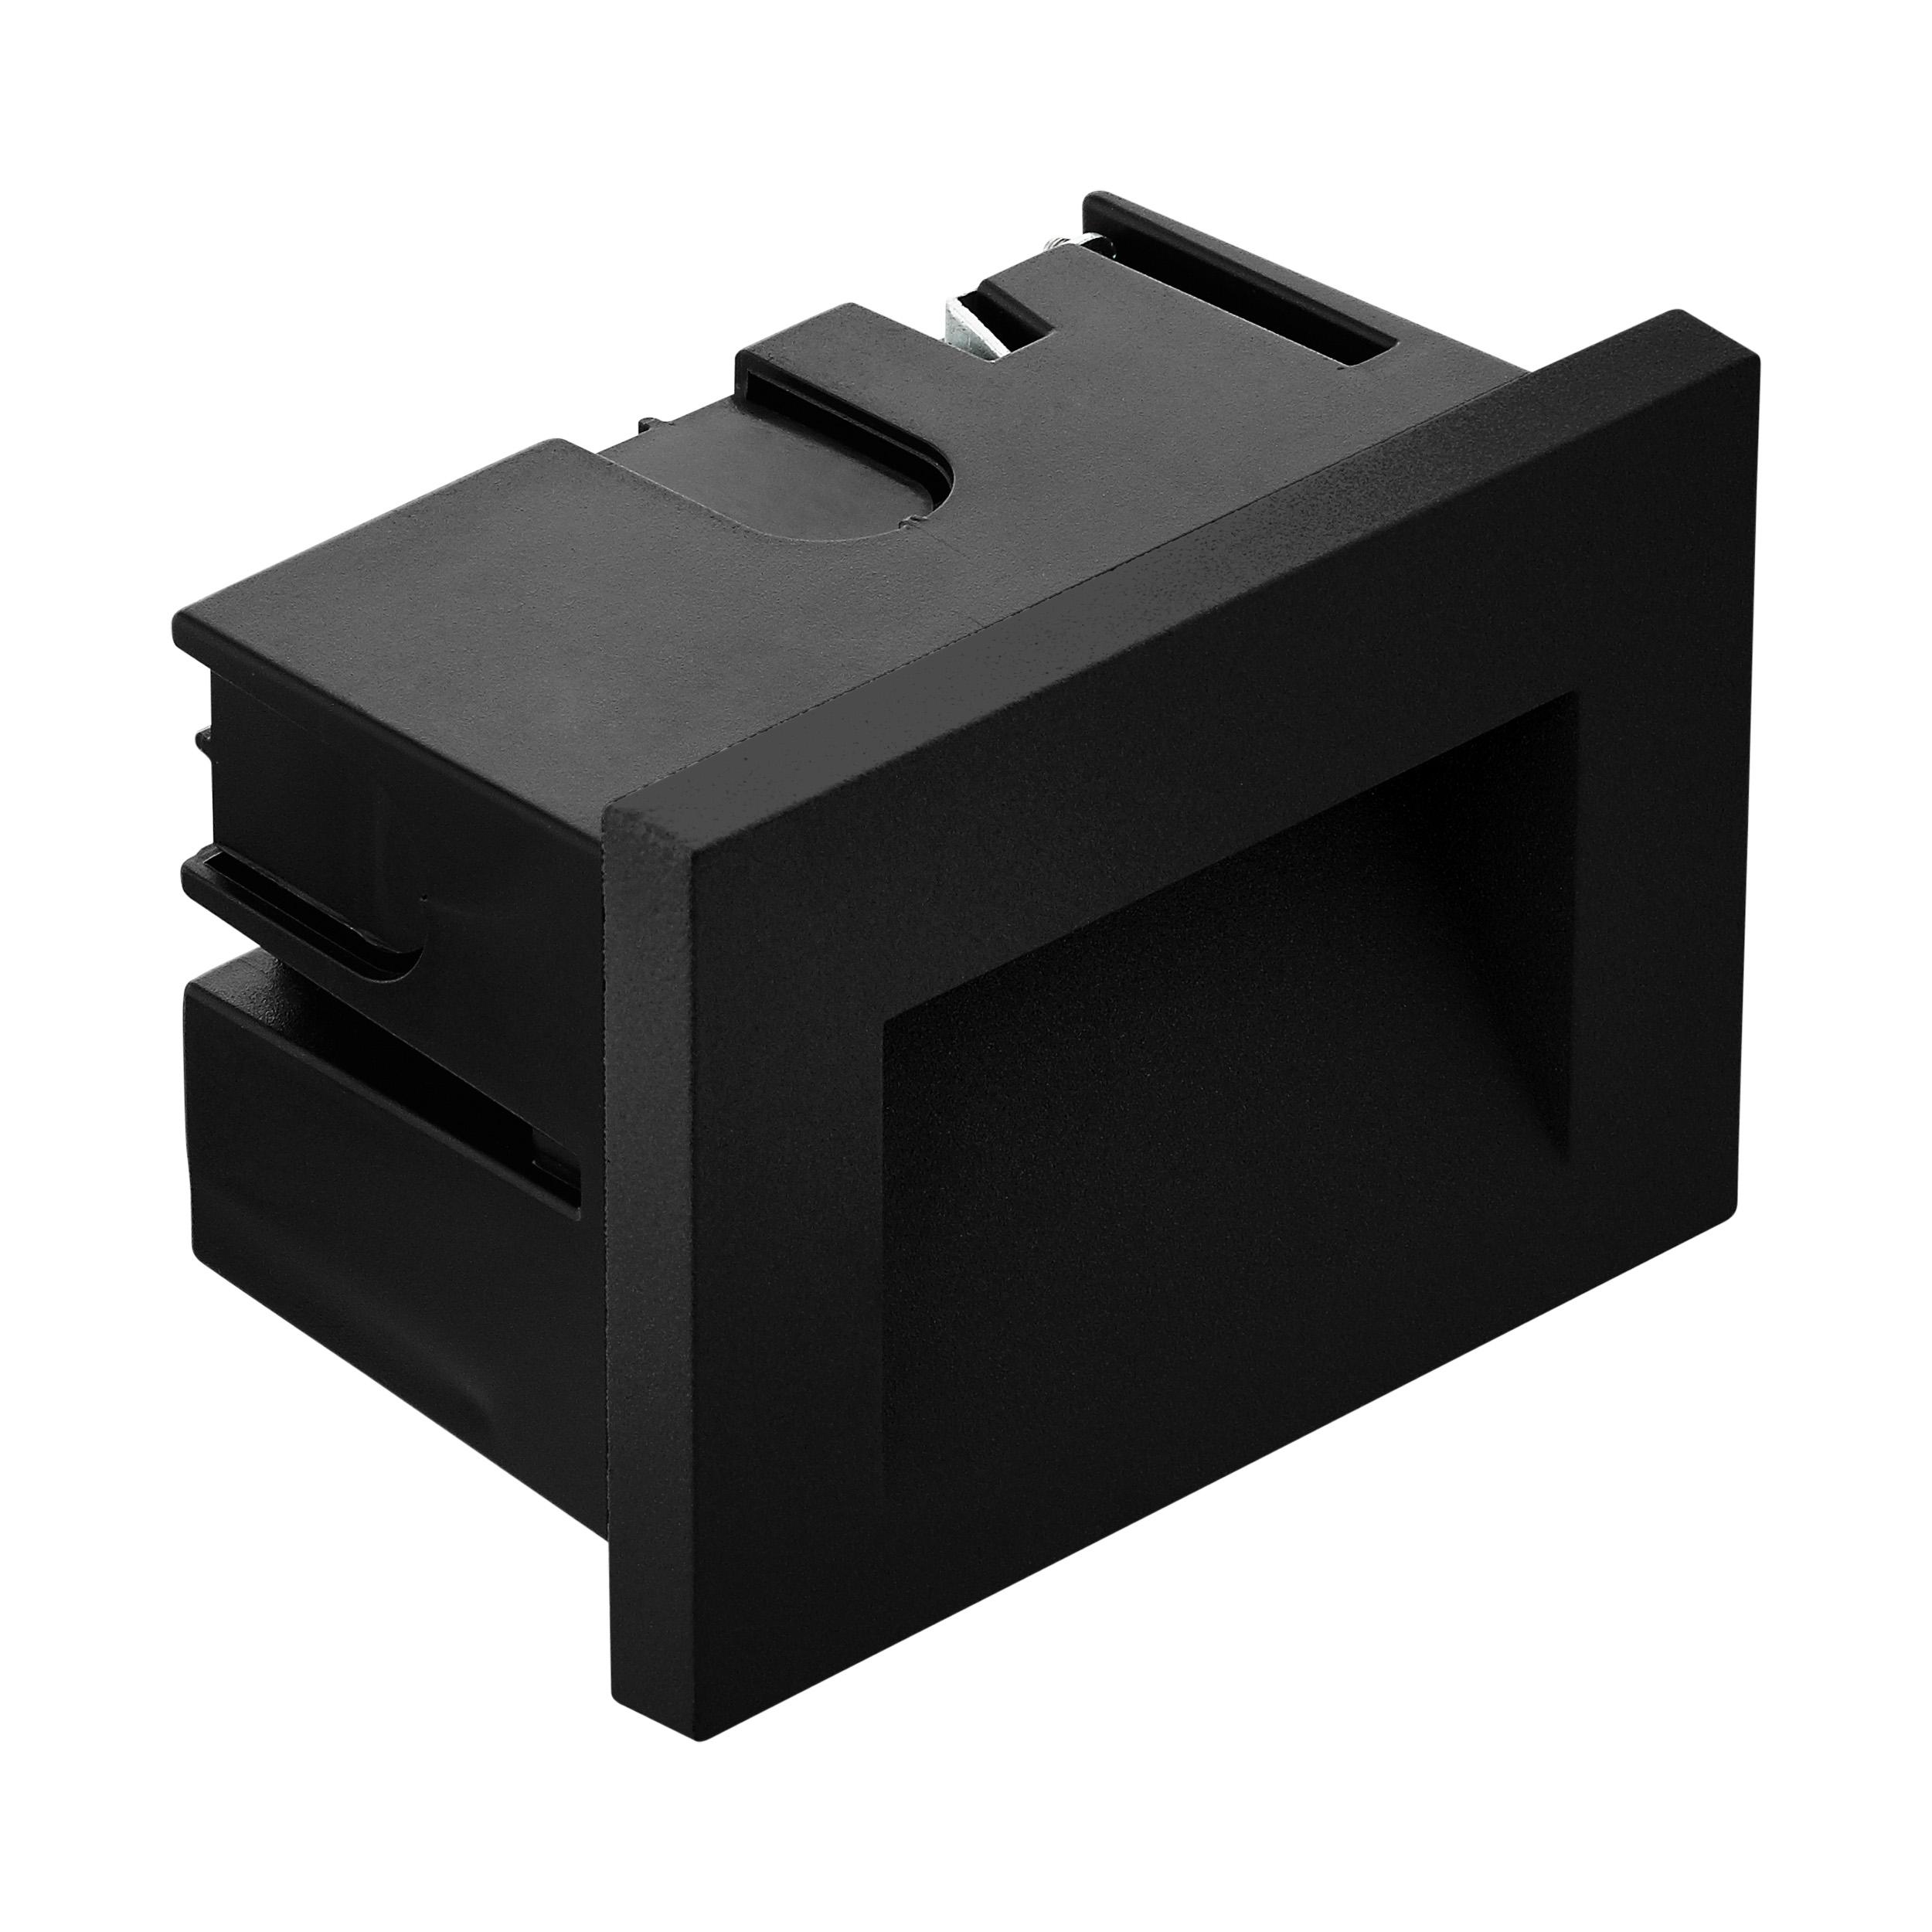 1 Stk Zimba Pro 3W 4000K anthrazit IP65 LI66262---